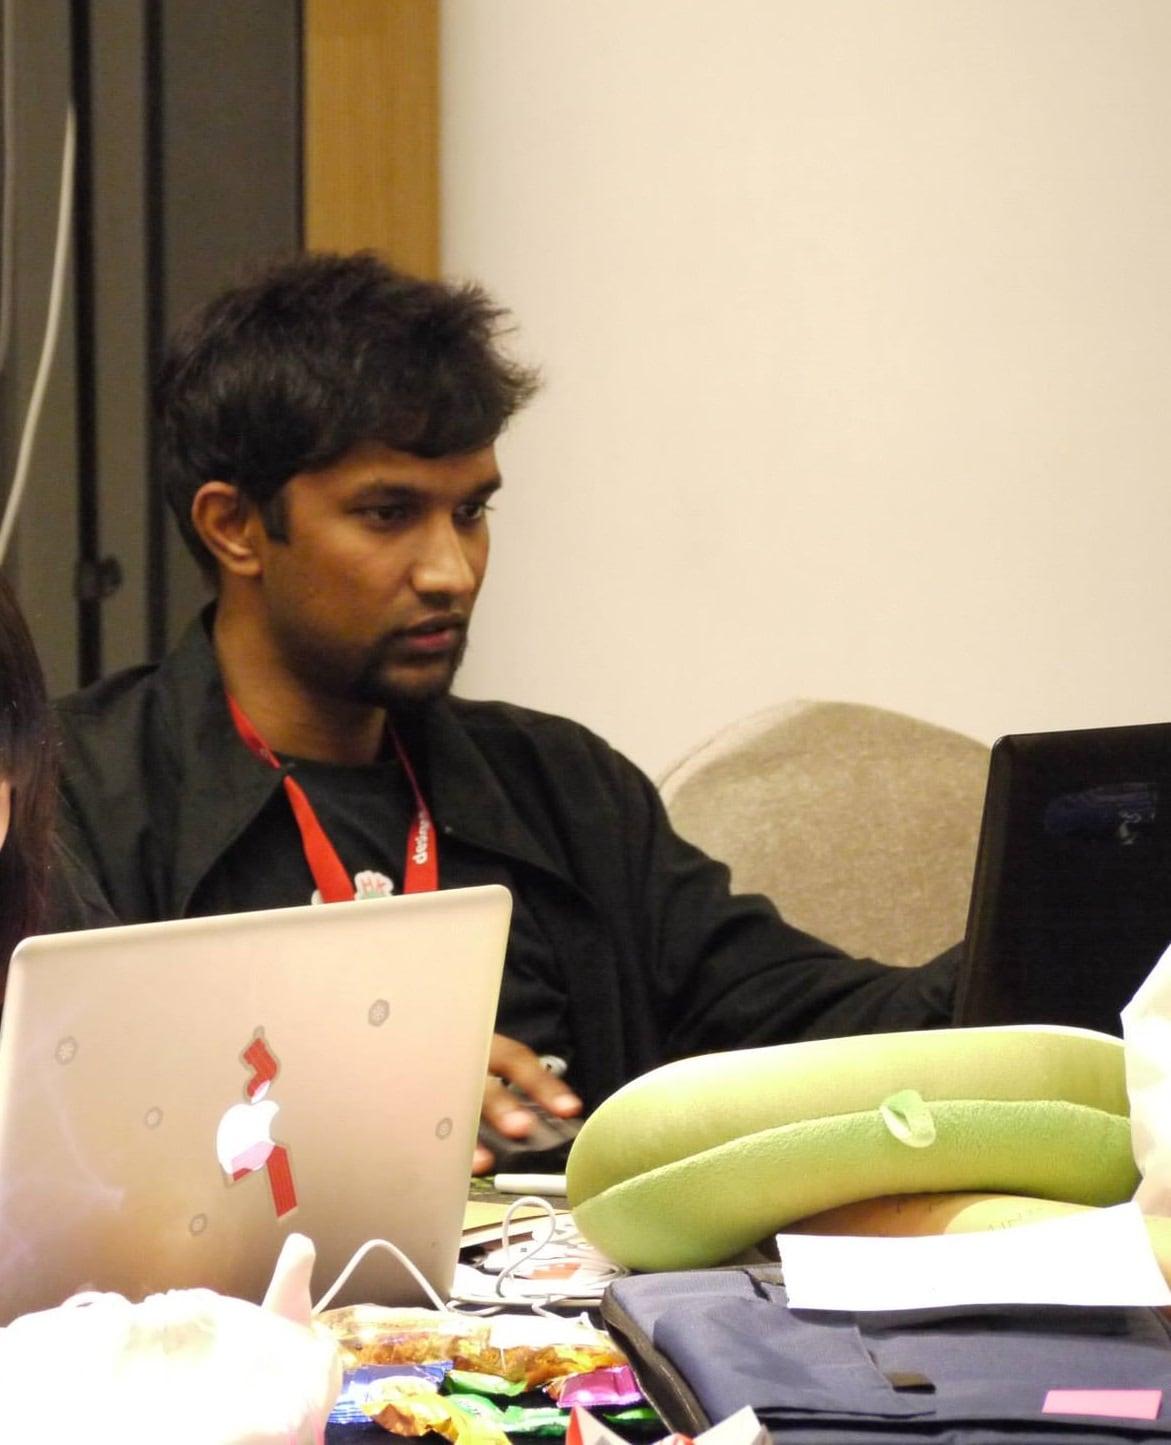 Game Designer @ PolyU, School of Design. Ex-profes